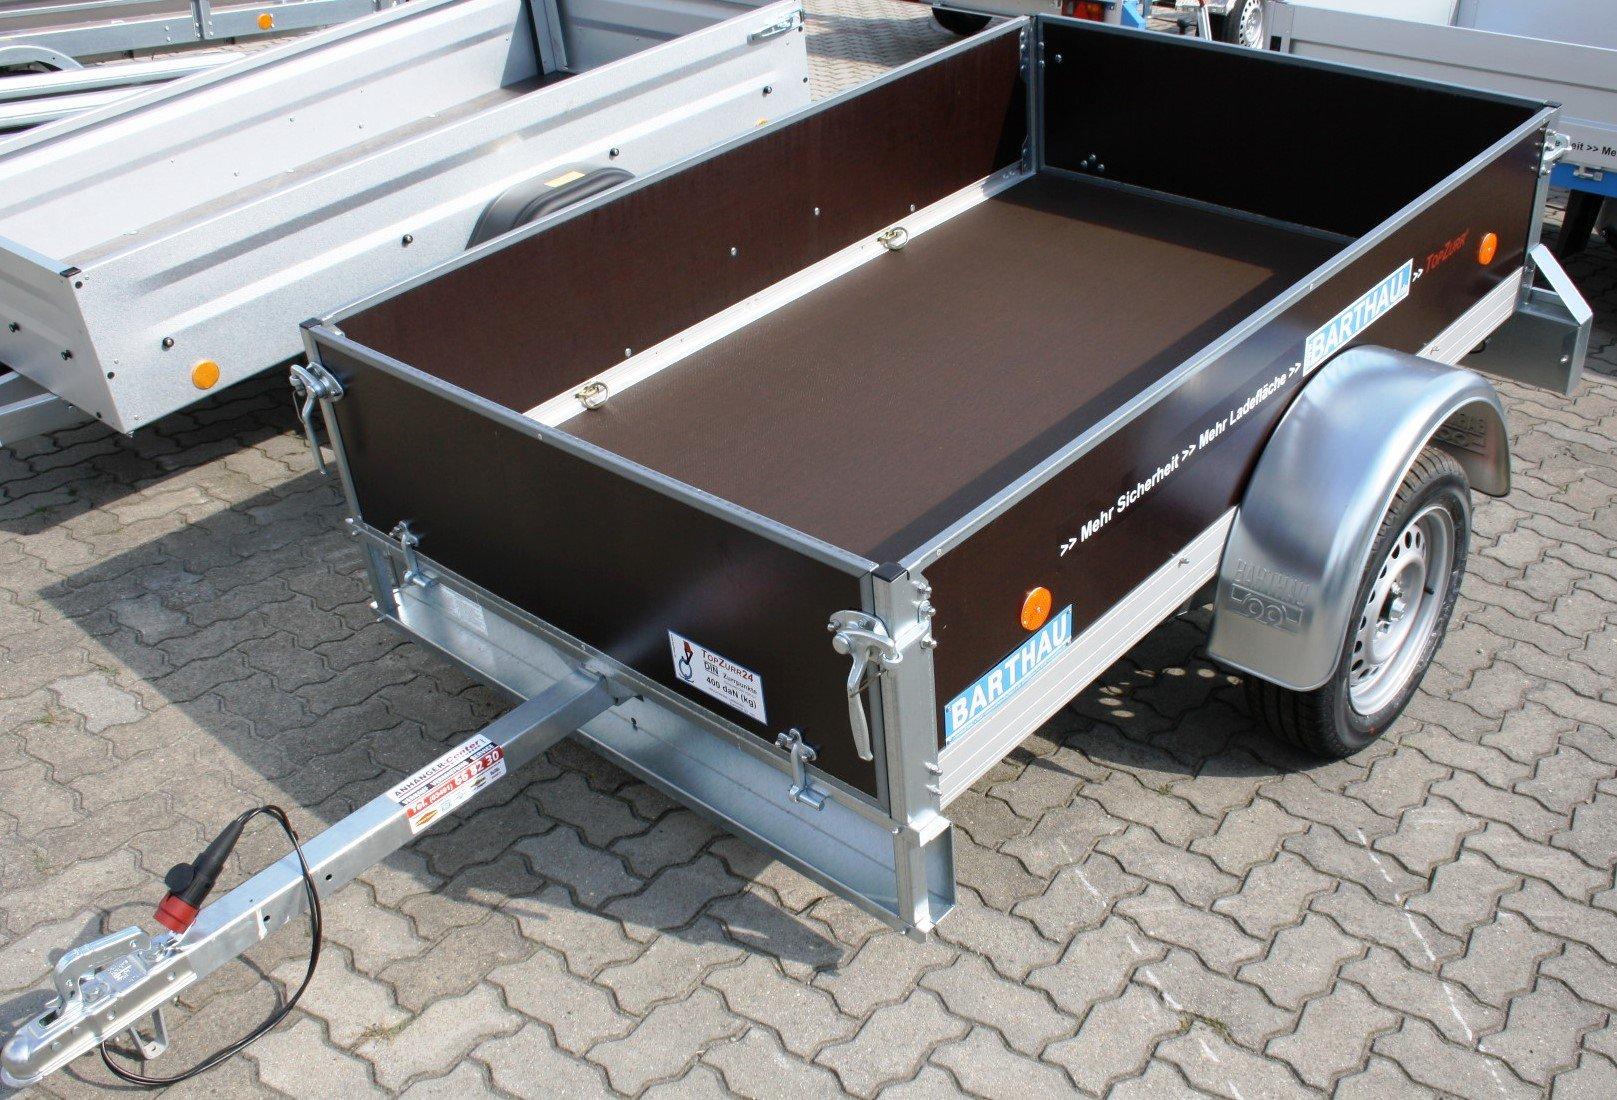 mietanh nger 750 kg kasten offen hier sofort mieten. Black Bedroom Furniture Sets. Home Design Ideas